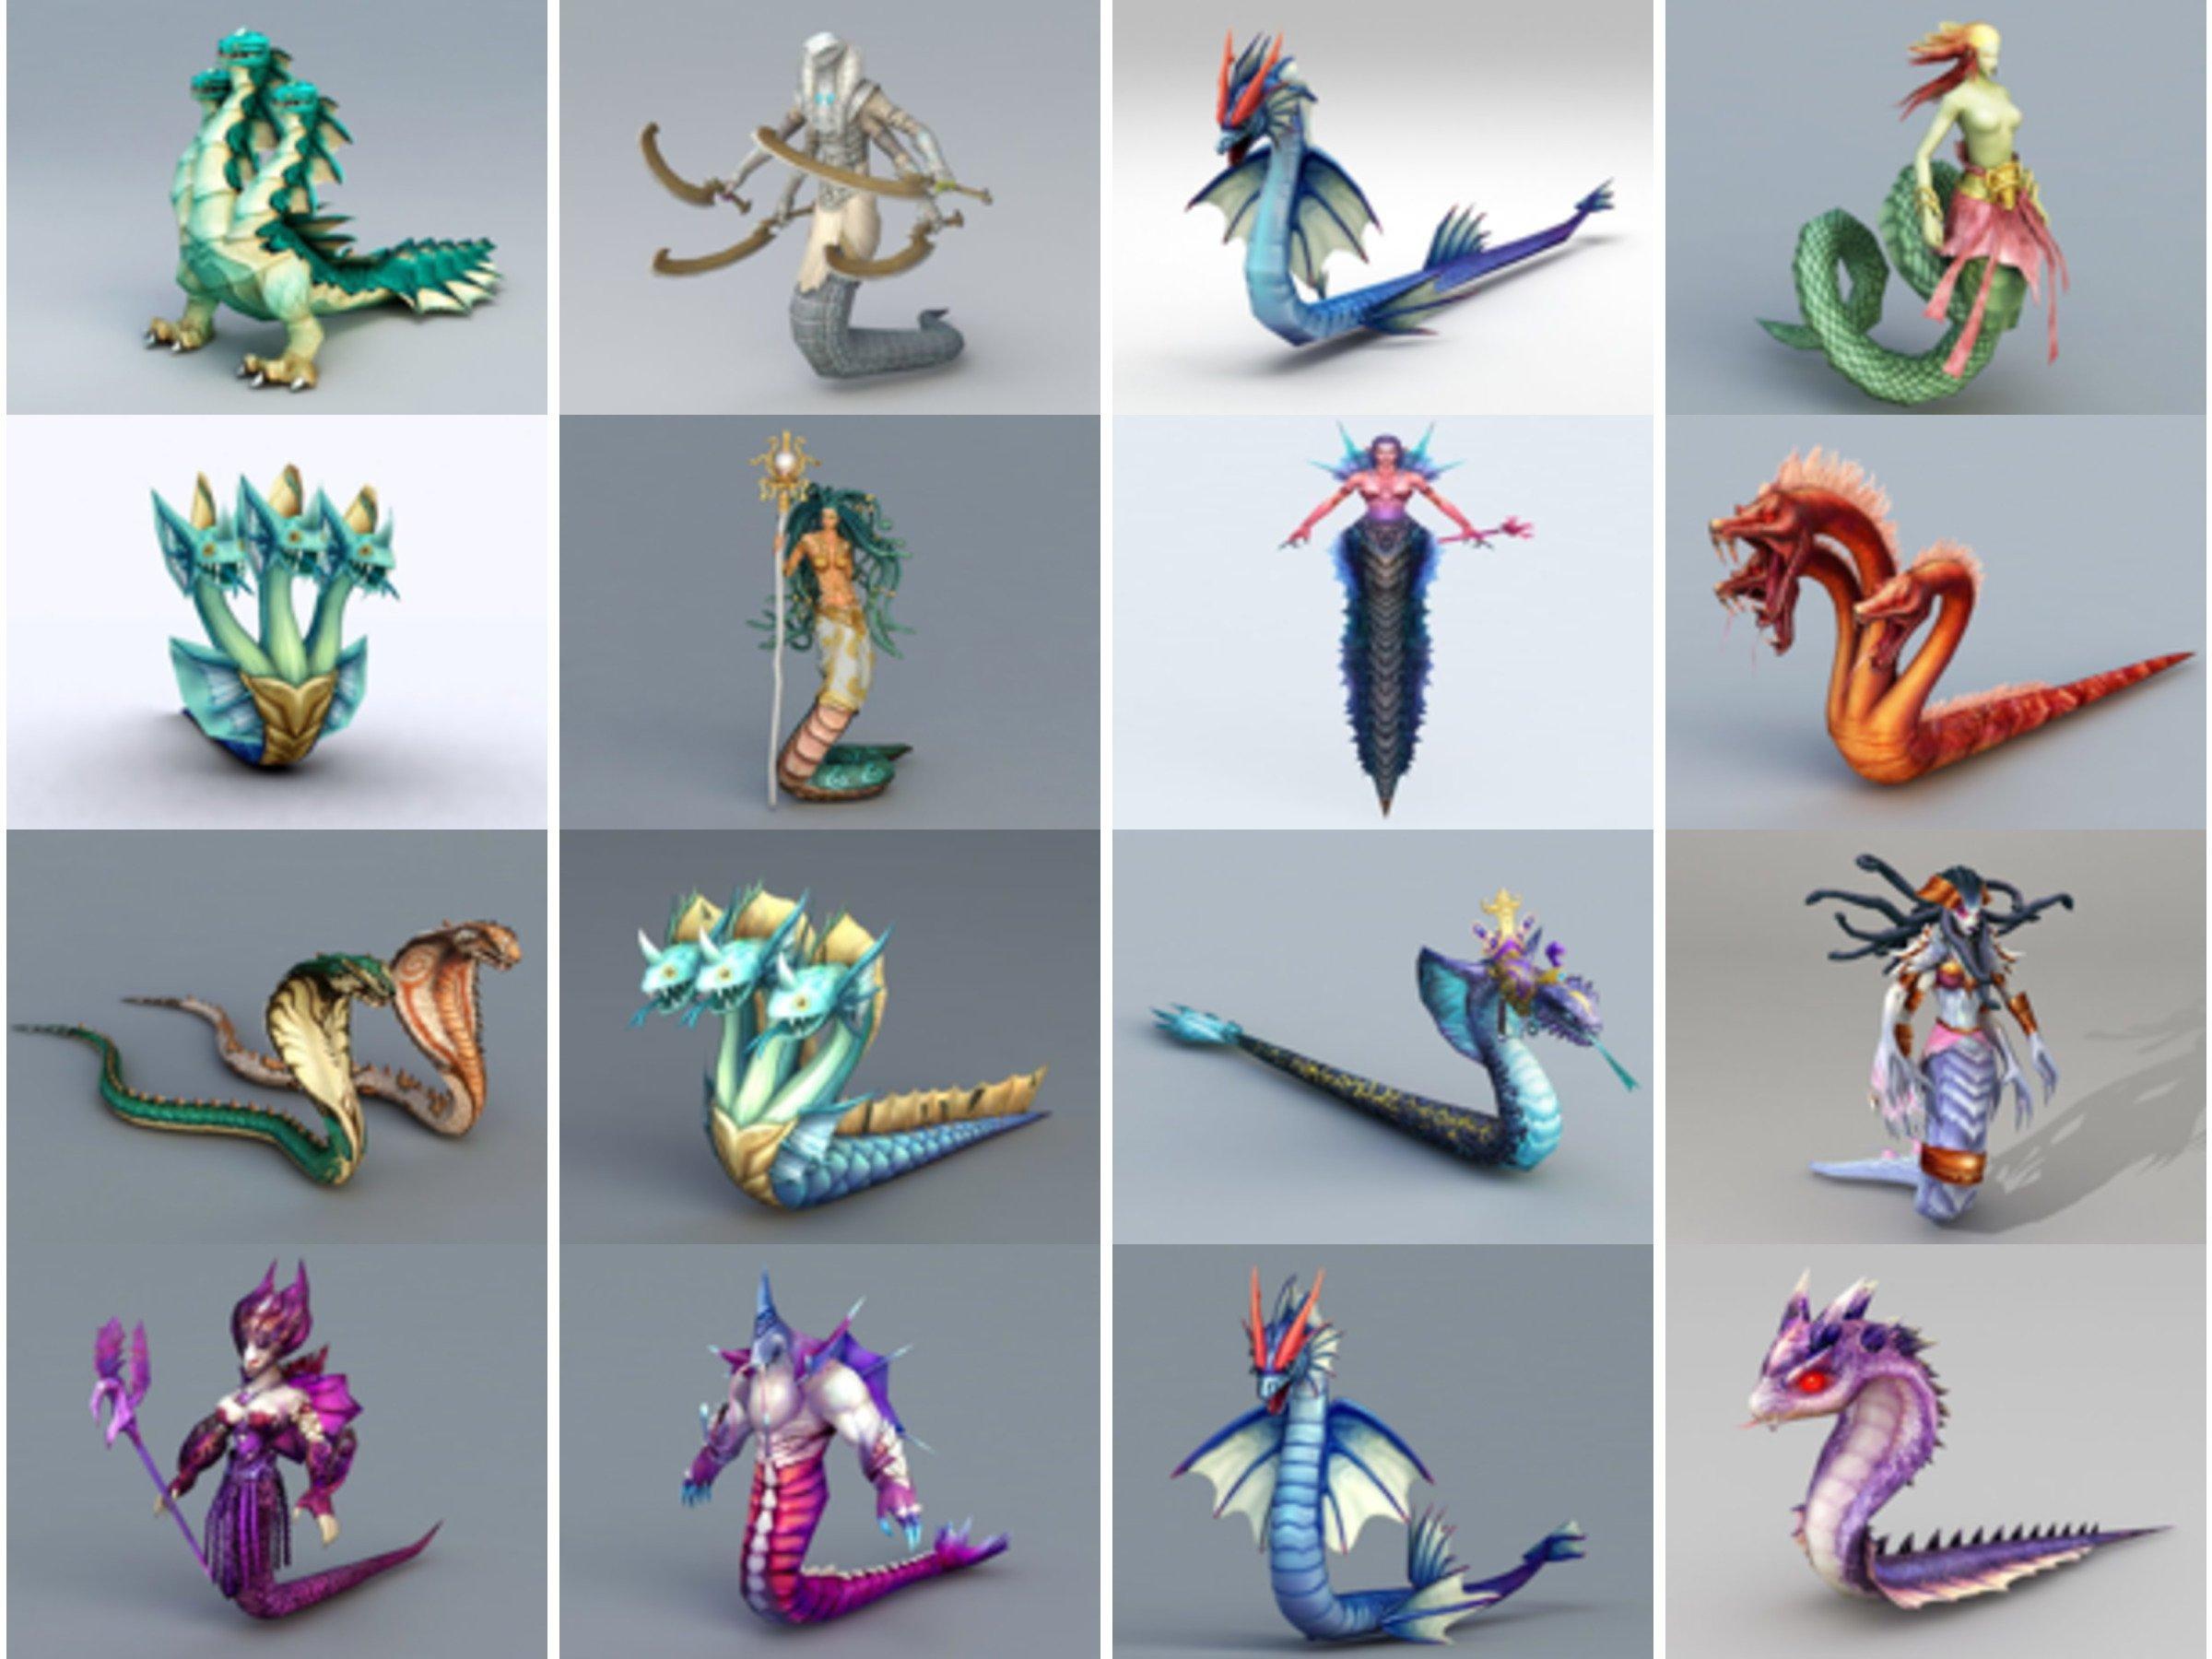 20 modelos 3D gratuitos de personajes del juego de serpientes